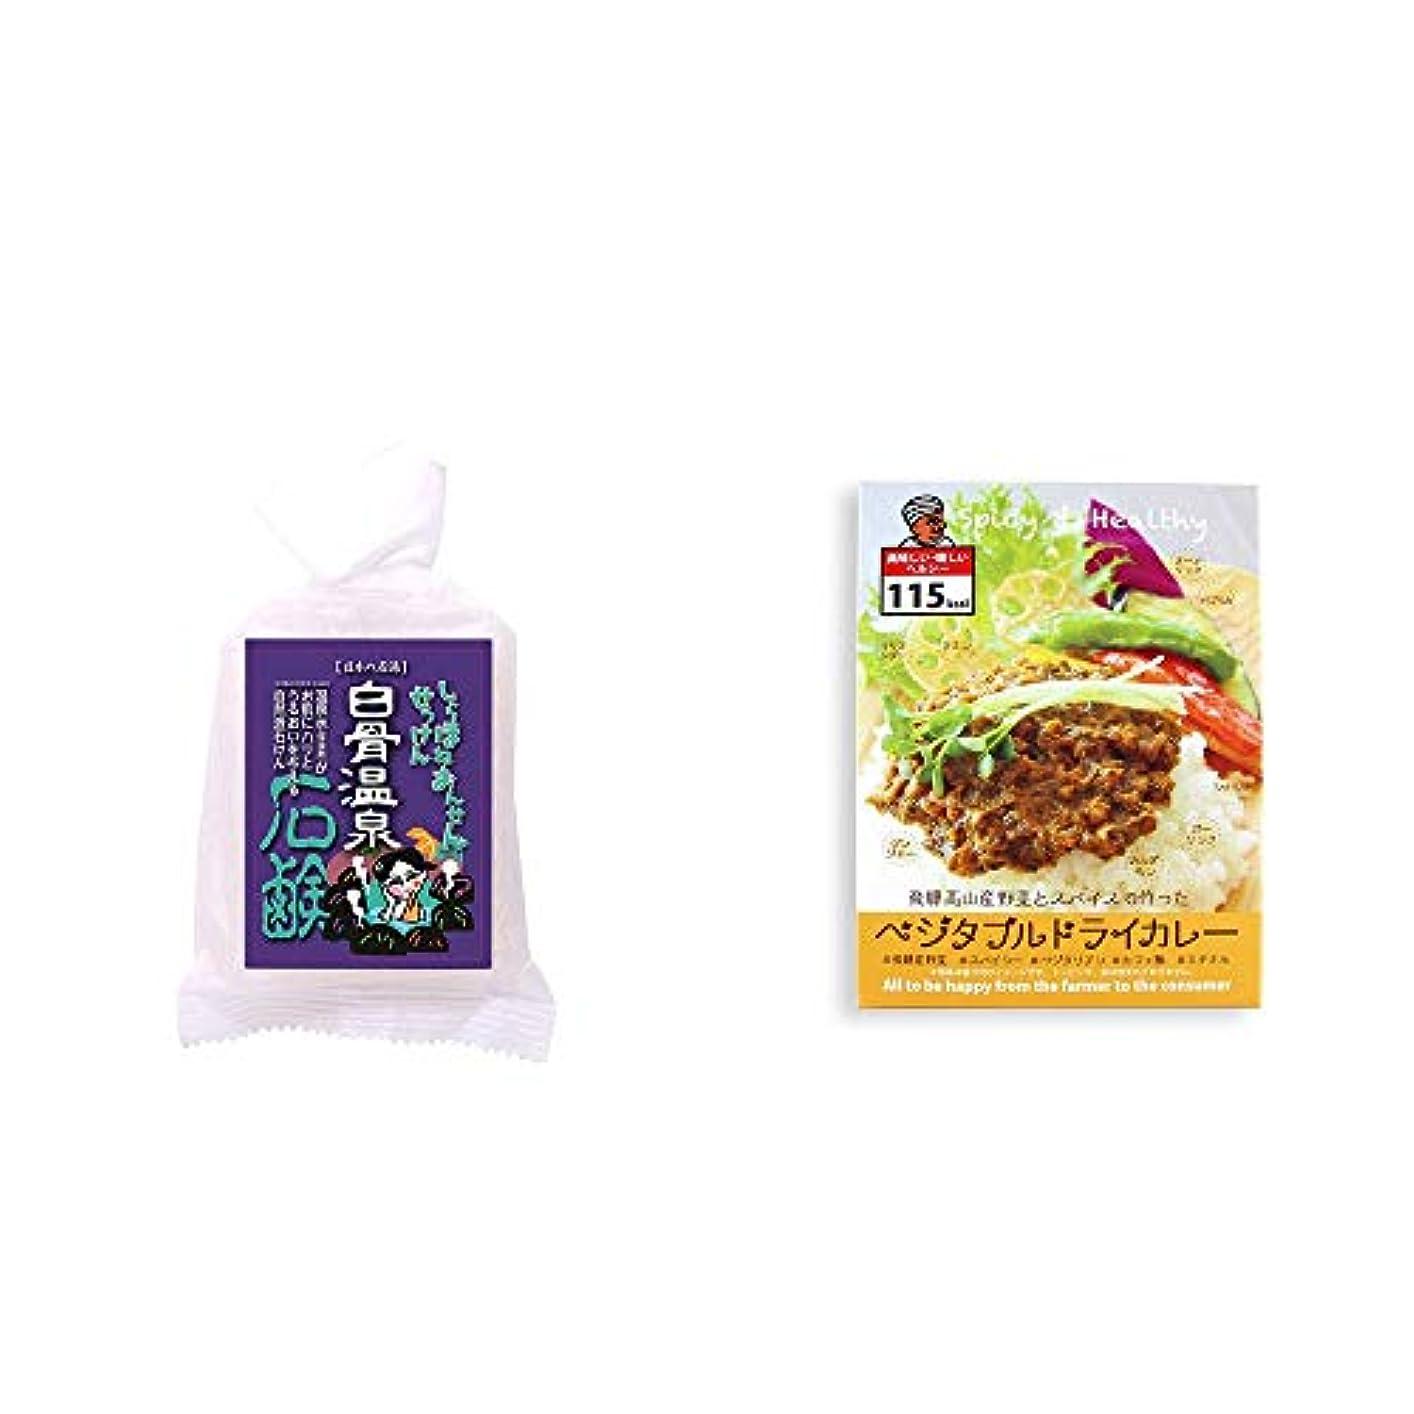 血統冗長強度[2点セット] 信州 白骨温泉石鹸(80g)?飛騨産野菜とスパイスで作ったベジタブルドライカレー(100g)